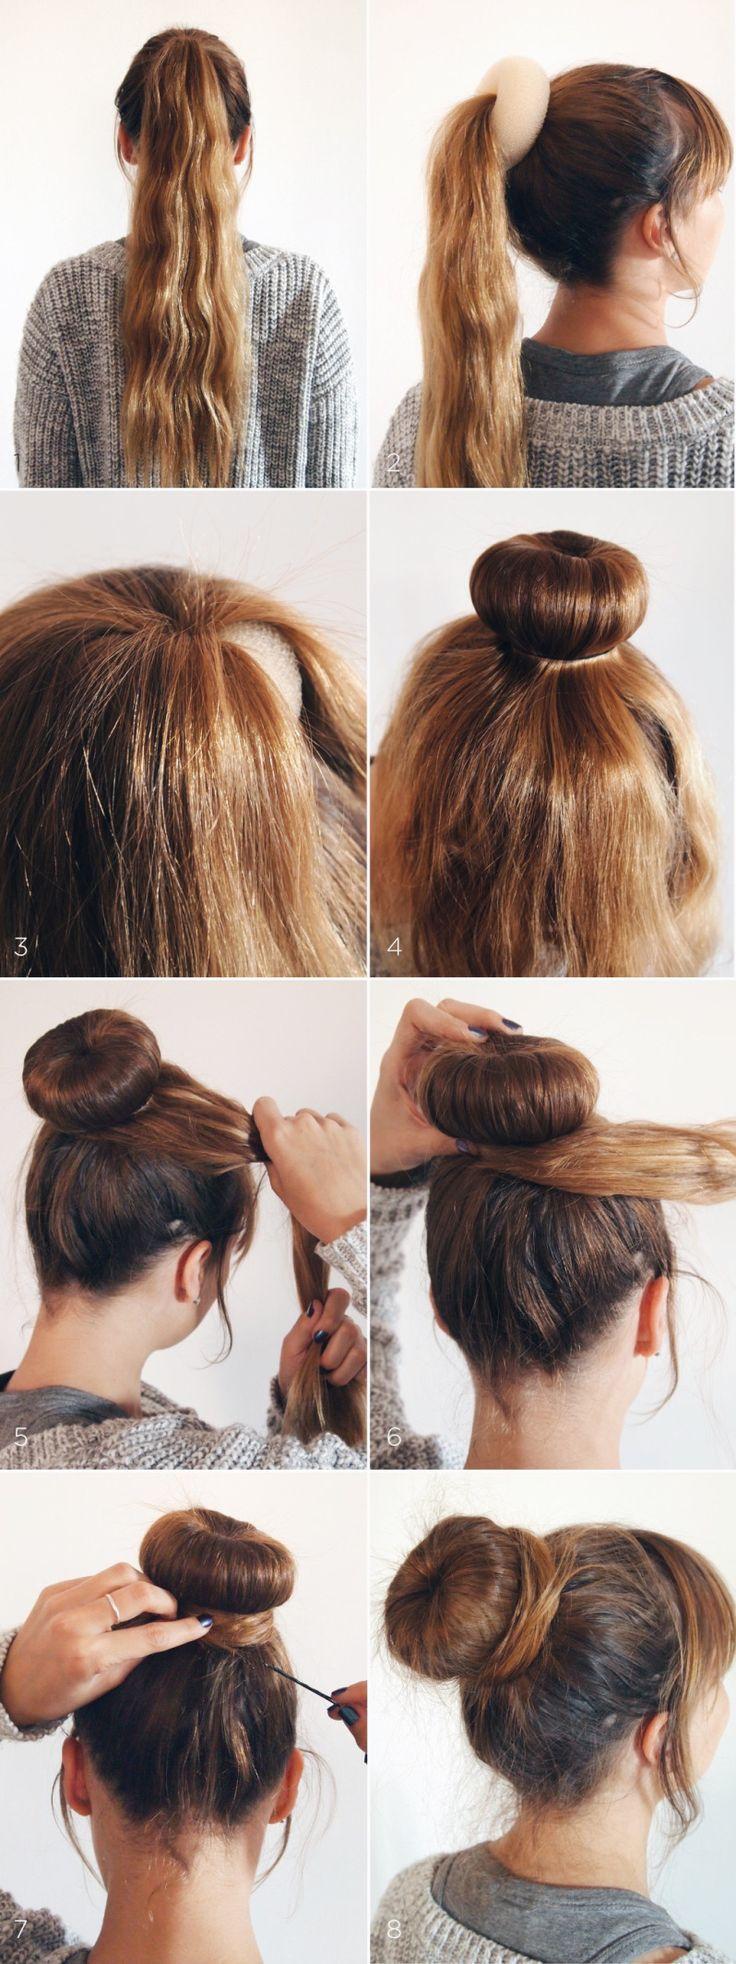 Dona de pelo